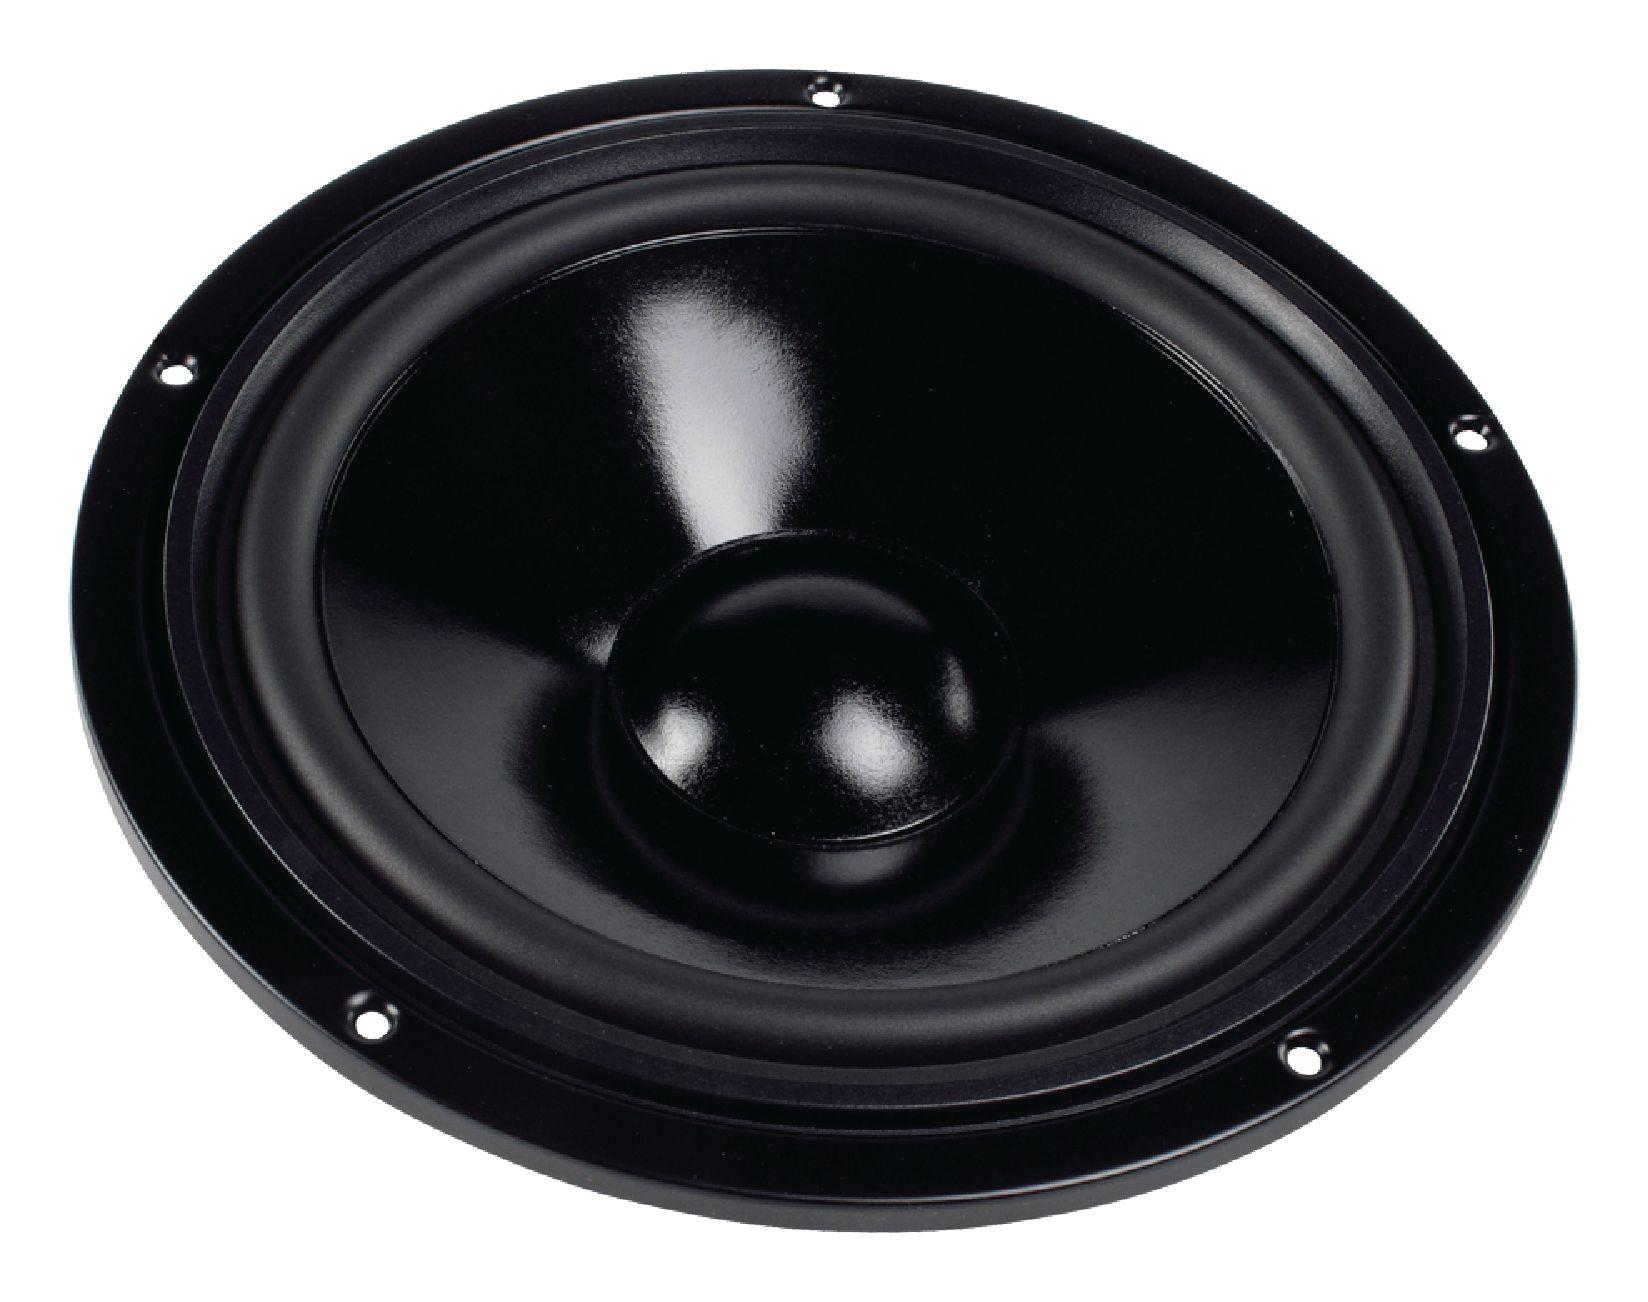 Basový reproduktor 8 Ohm 150 W Visaton, VS-W250S/8